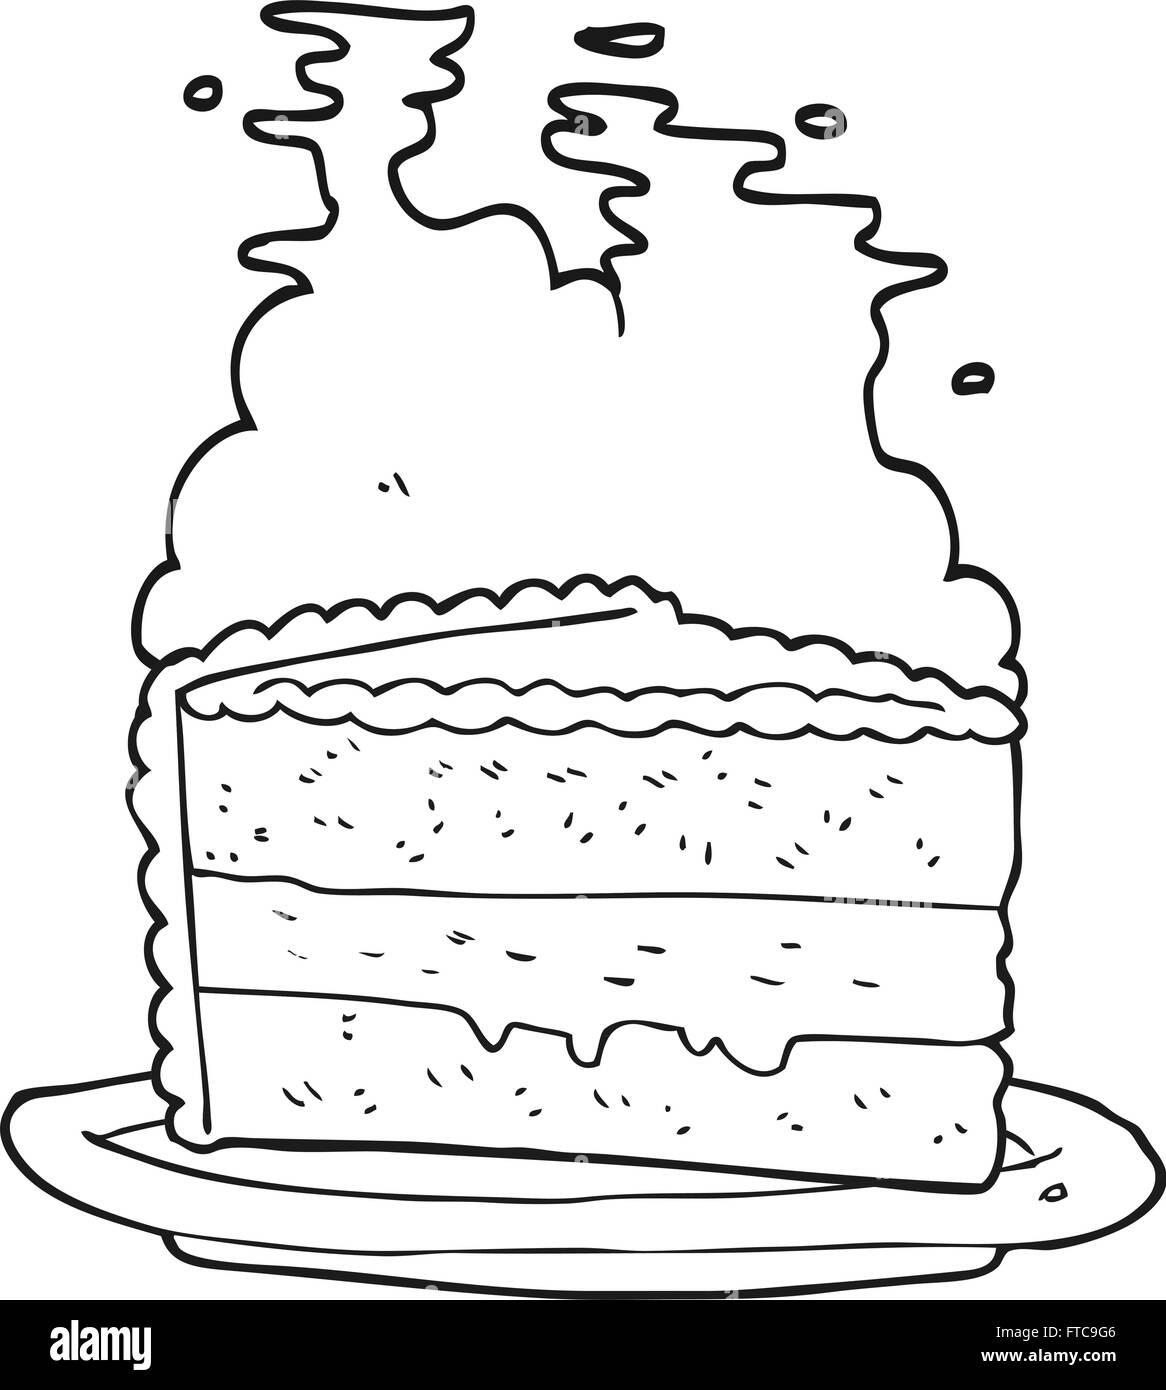 Freihandig Gezeichnet Schwarz Weiss Cartoon Kuchen Vektor Abbildung